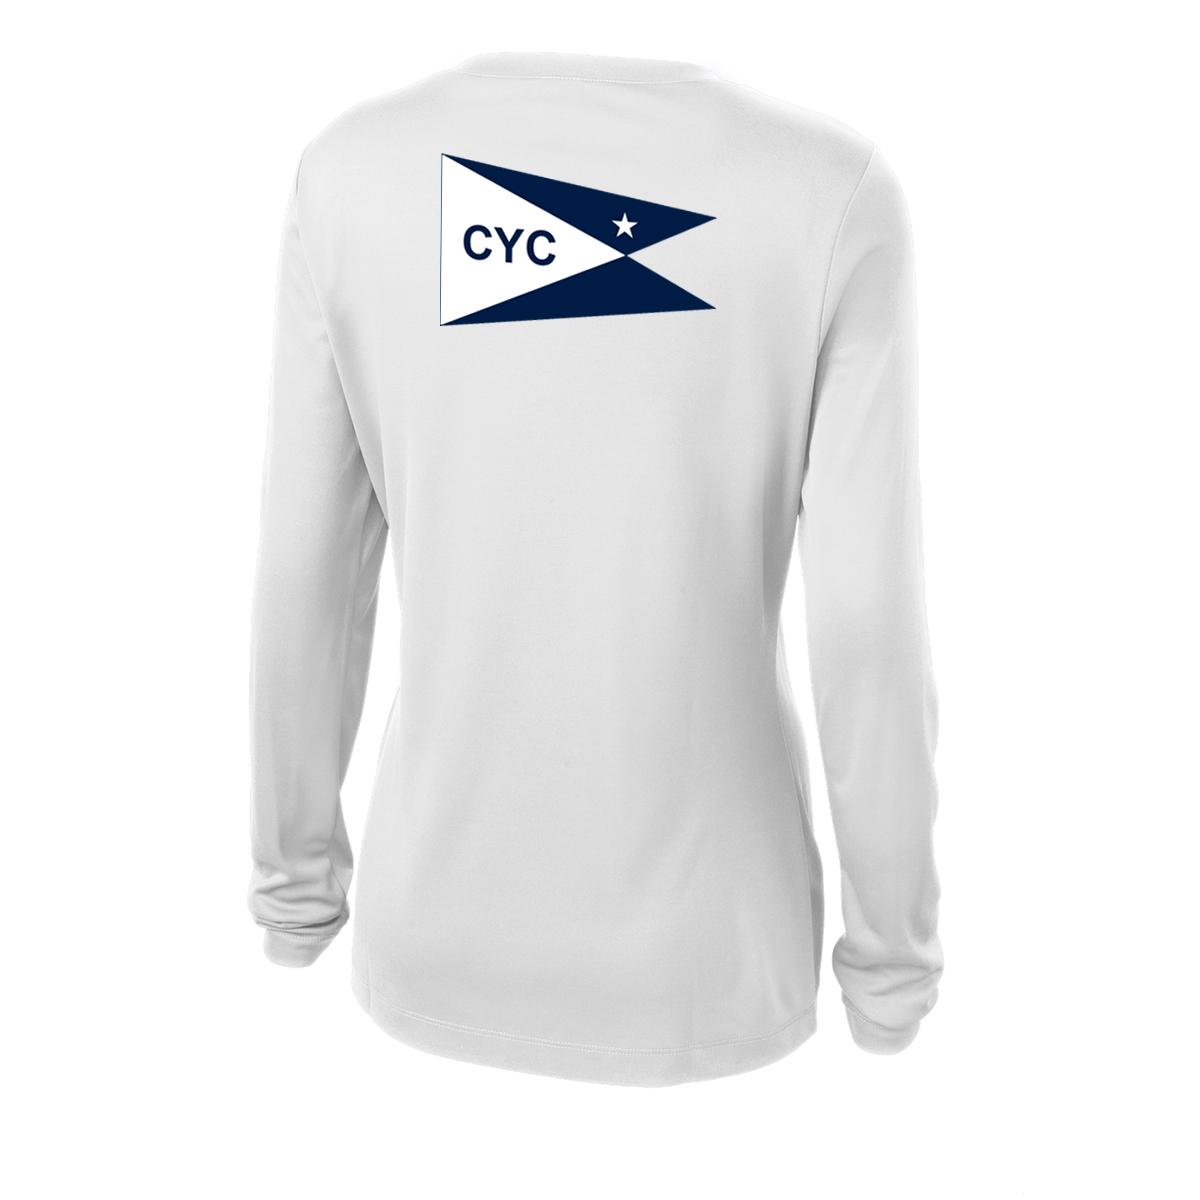 Centerboard Yacht Club- Women's Tech Tee L/S